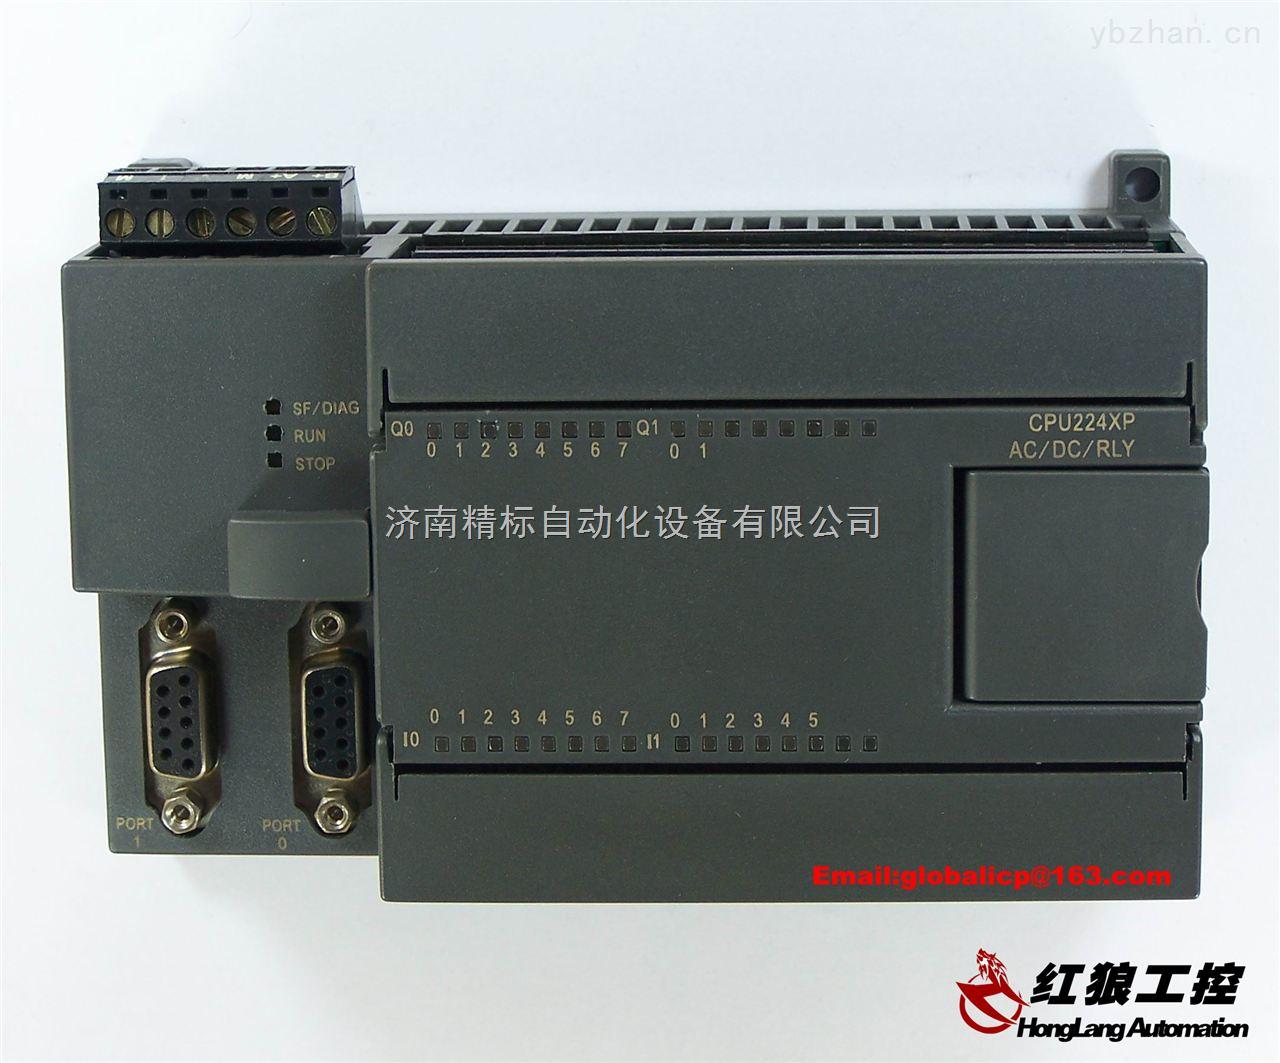 【实体公司】CPU224XP AC/DC/RLY,国产兼容西门子带模拟量2AD1DA